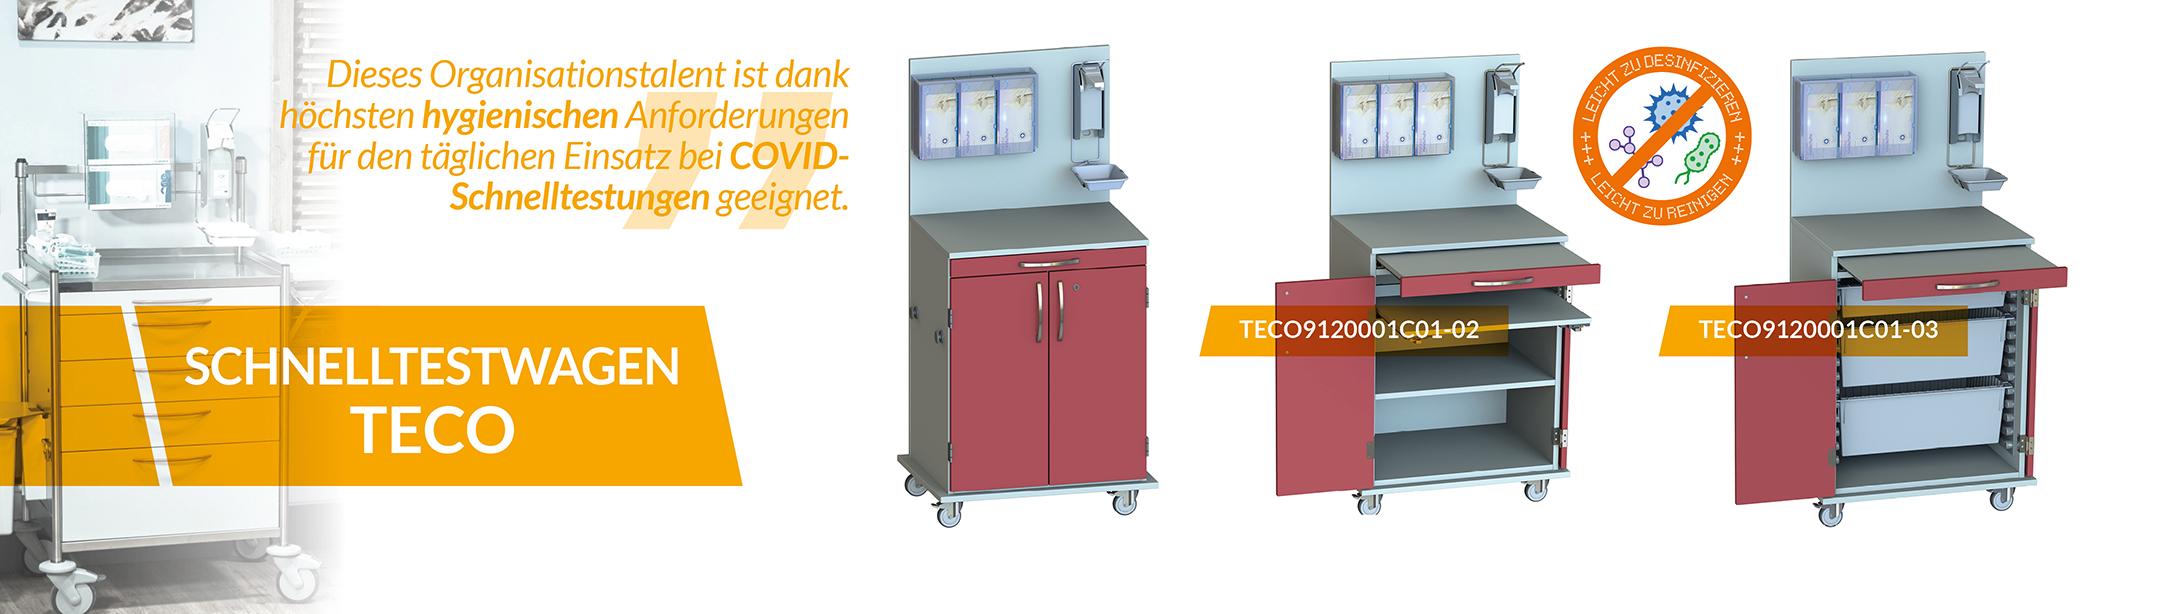 Produktneuheit - Schnelltestwagen TECO